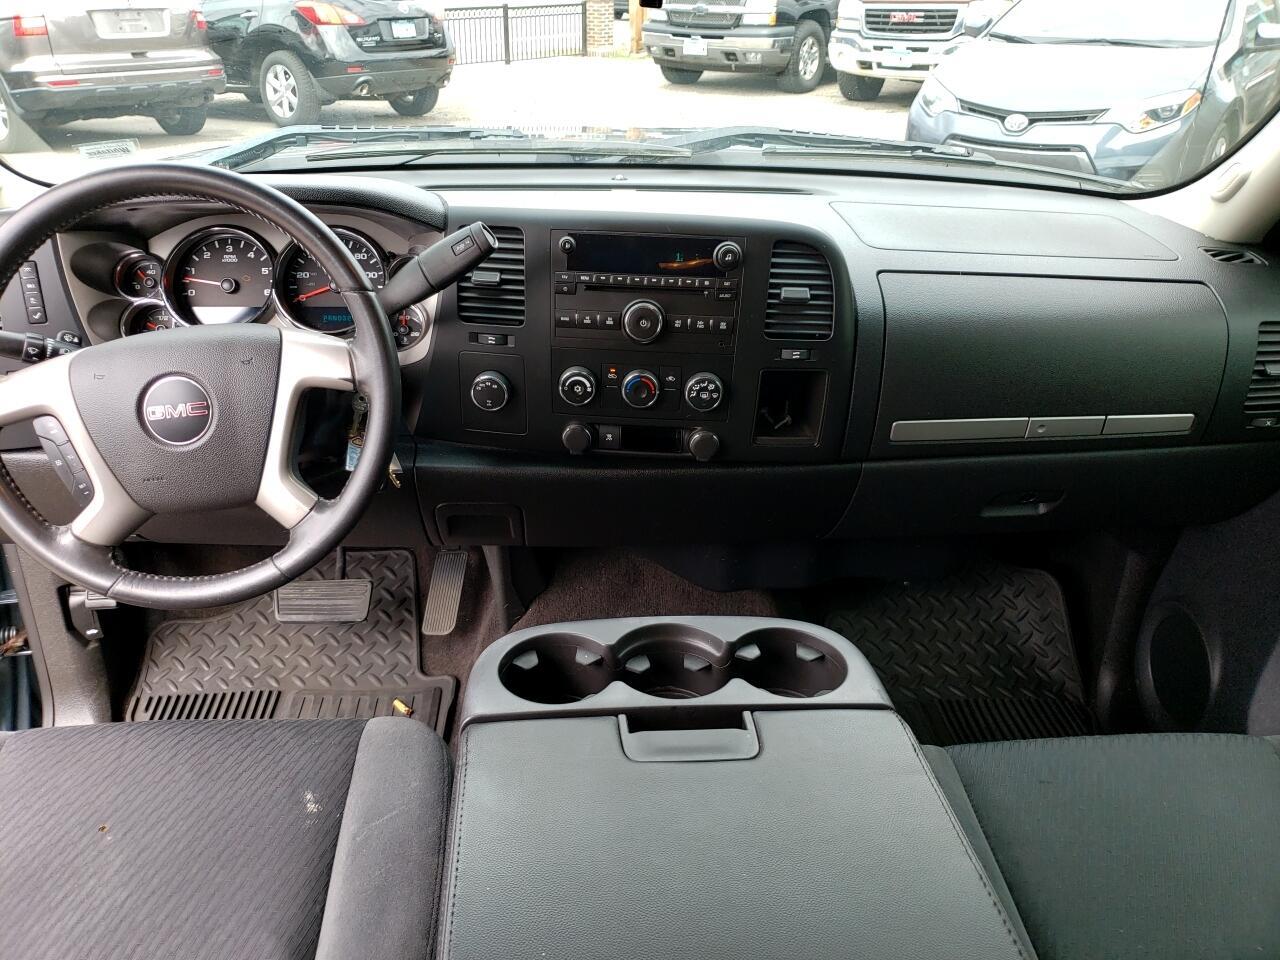 2009 GMC Sierra 1500 4WD Ext Cab 143.5